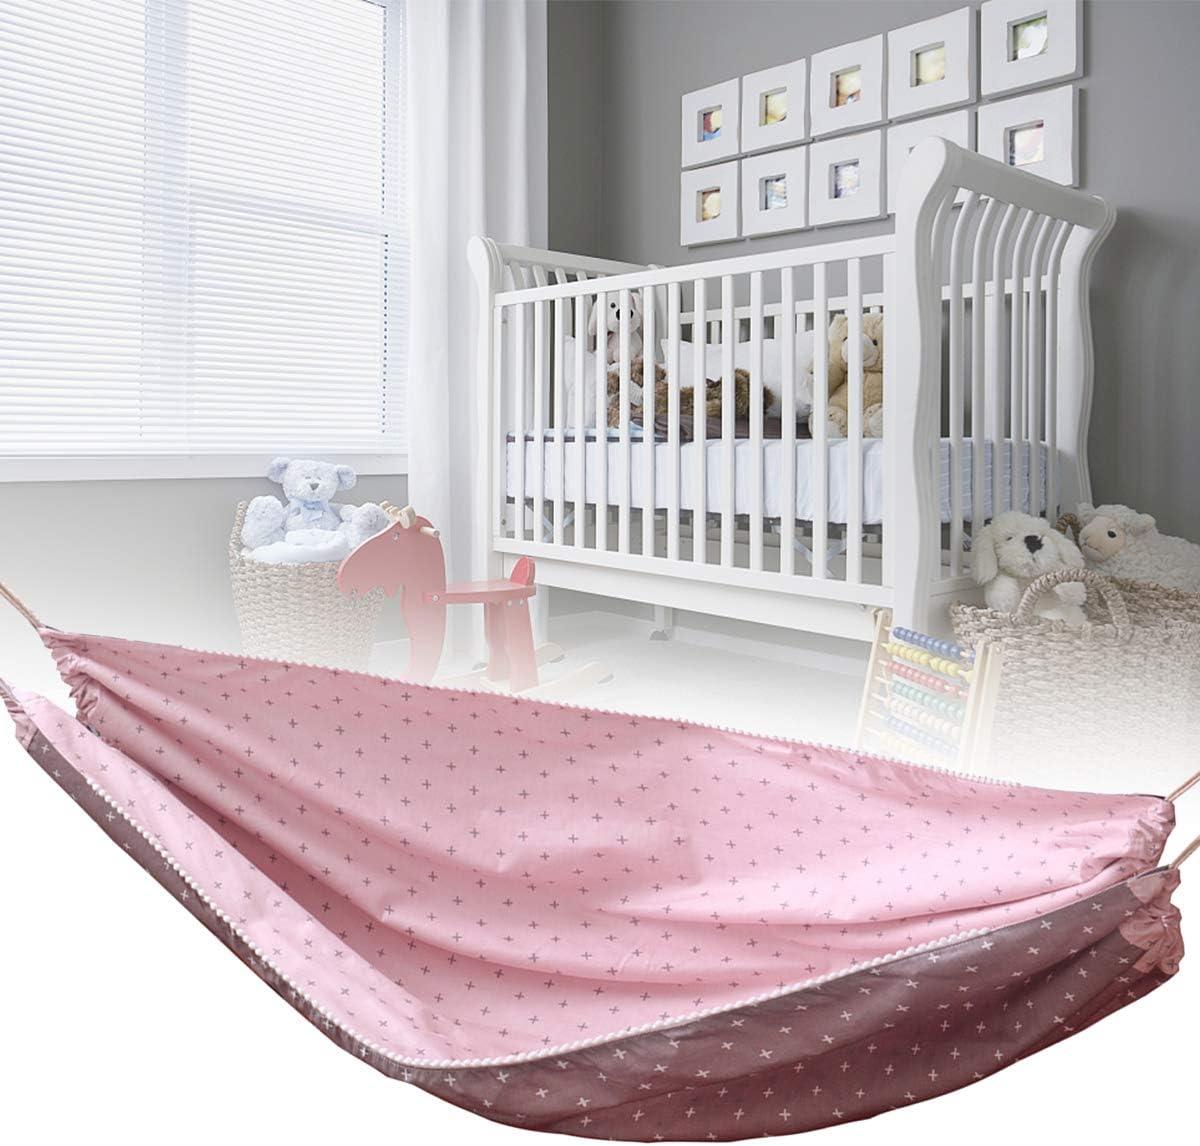 Gojiny Schaukeln f/ür Neugeborene Babybett H/ängematte Tragbare Baumwolle Baby H/ängen Schlaf Stubenwagen H/ängen Schaukel Liegen